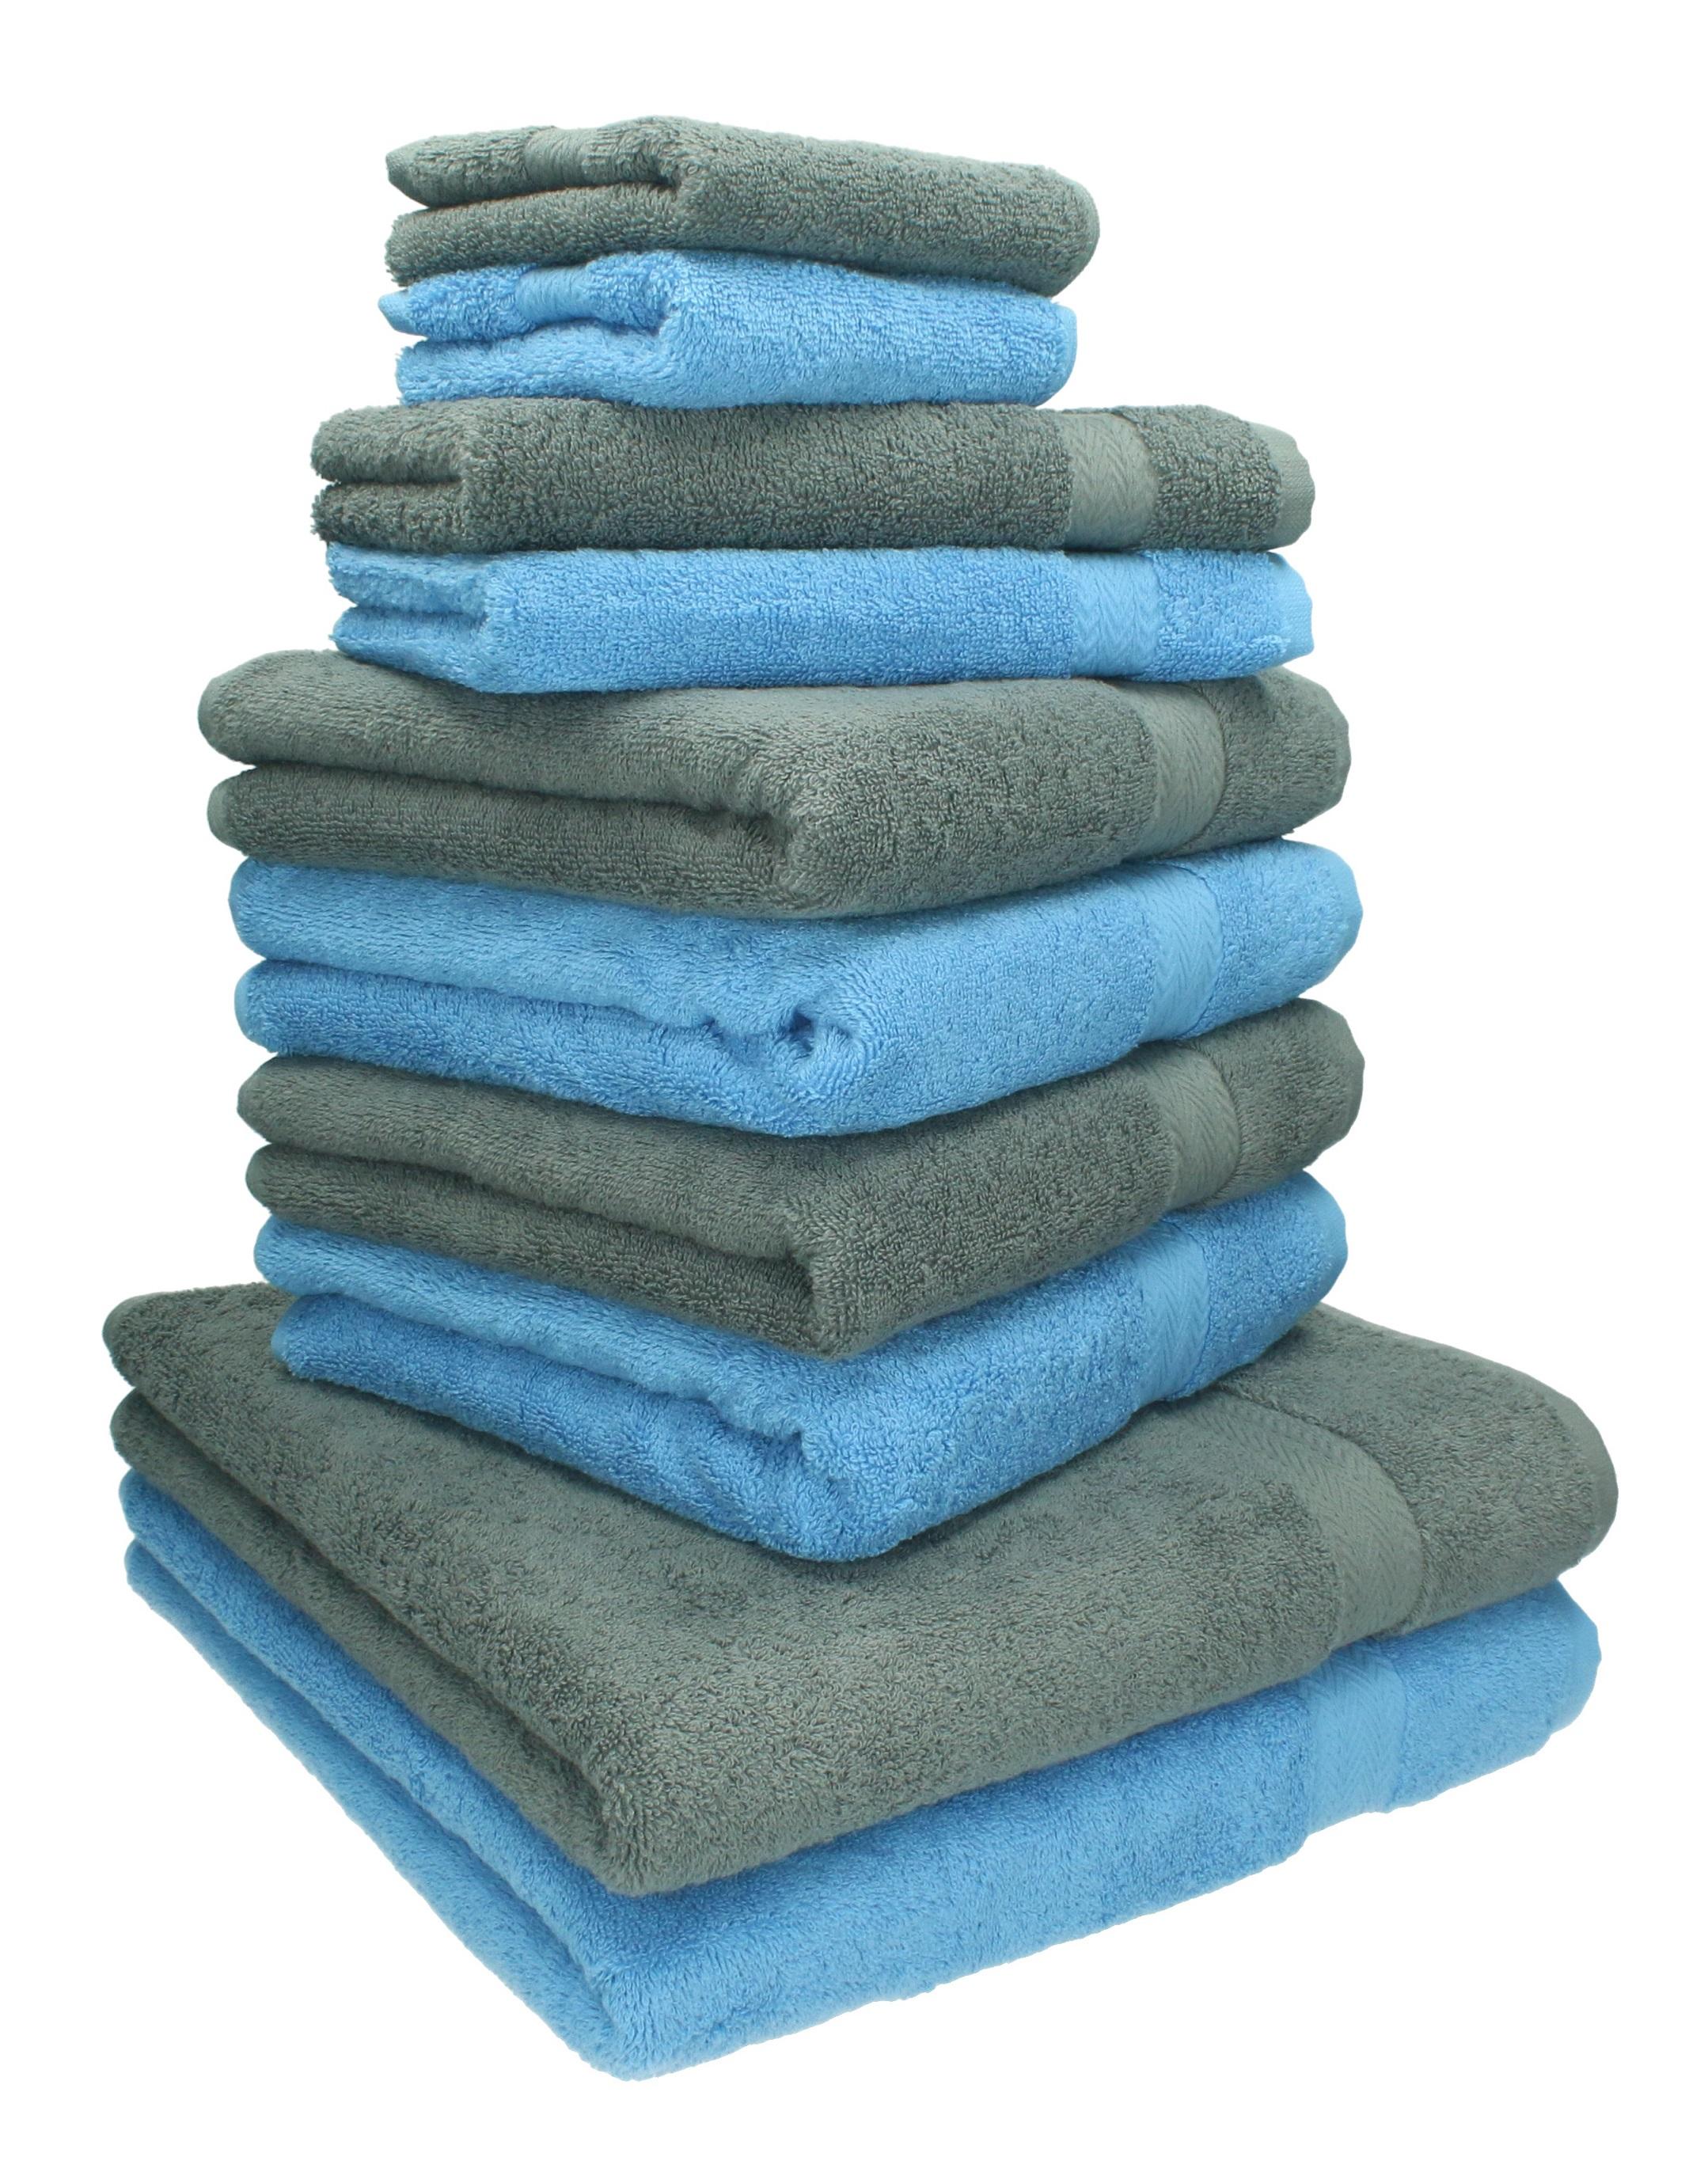 10 Piece Towel Set CLASSIC 100% Cotton 2 Face Cloths 2 Guest Towels ...